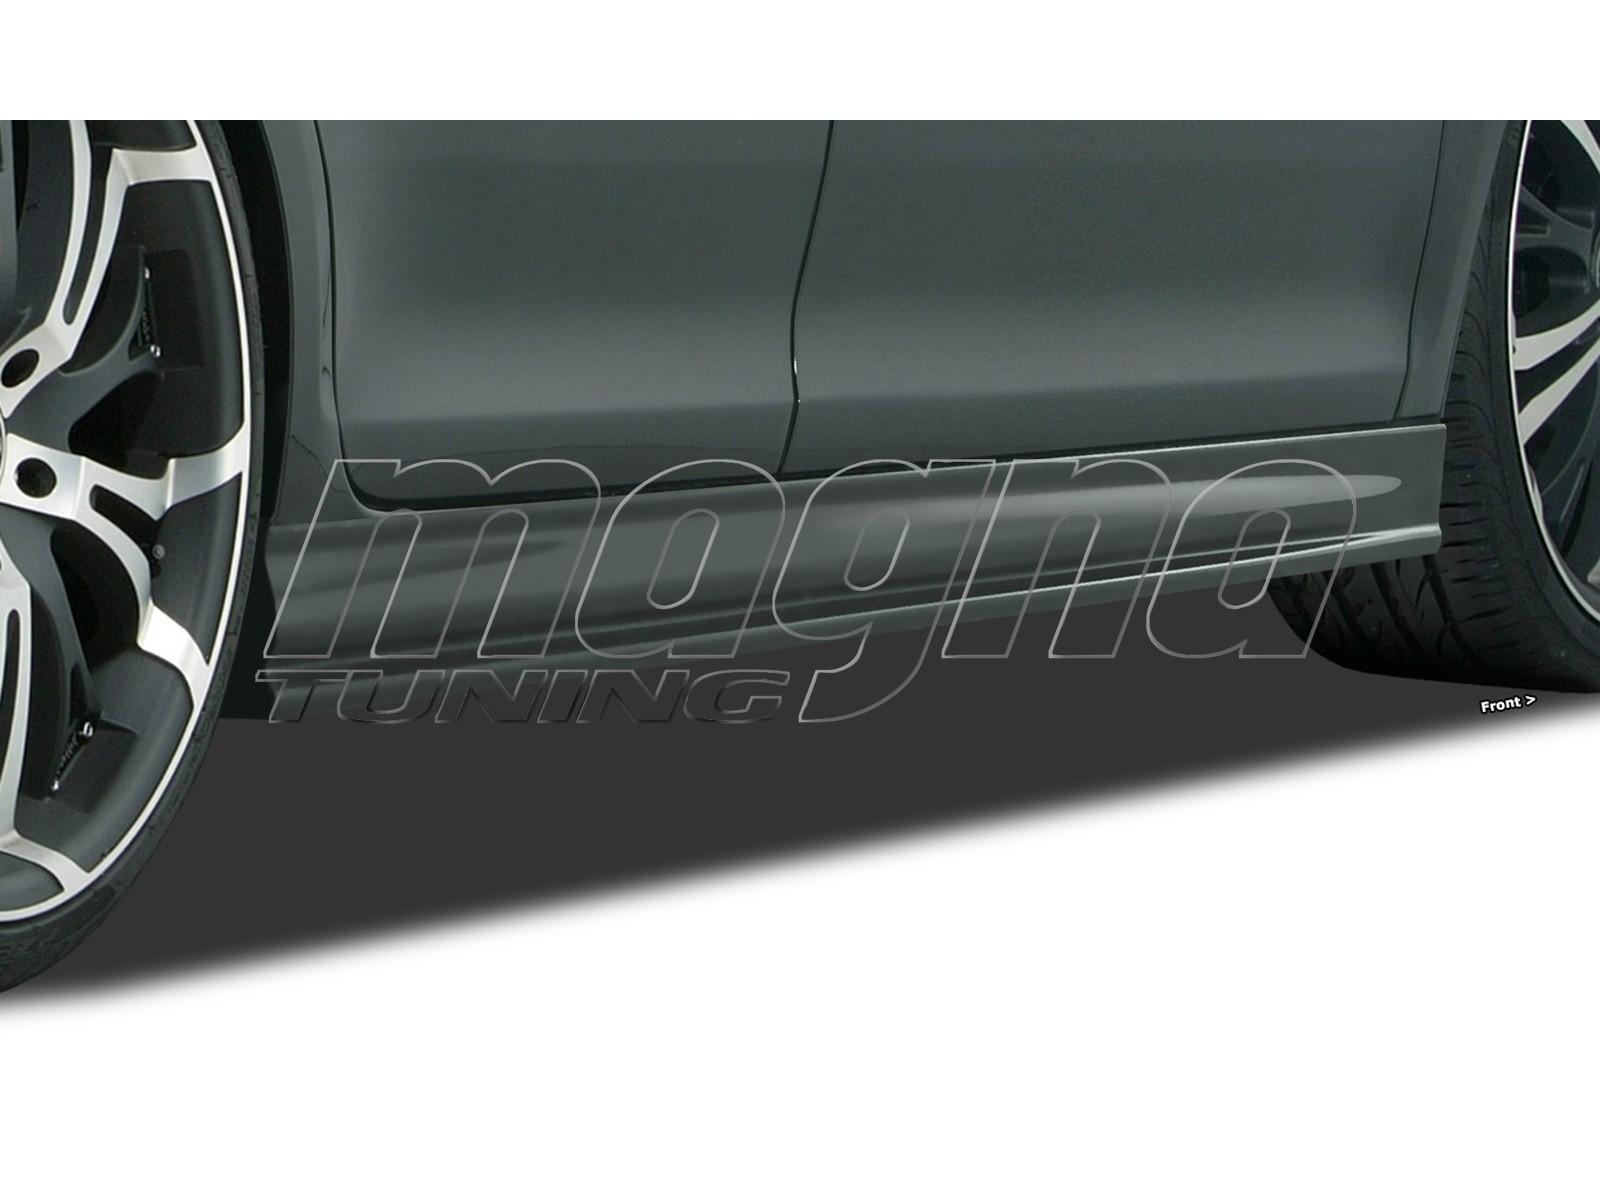 VW Touran Facelift Evolva Side Skirts